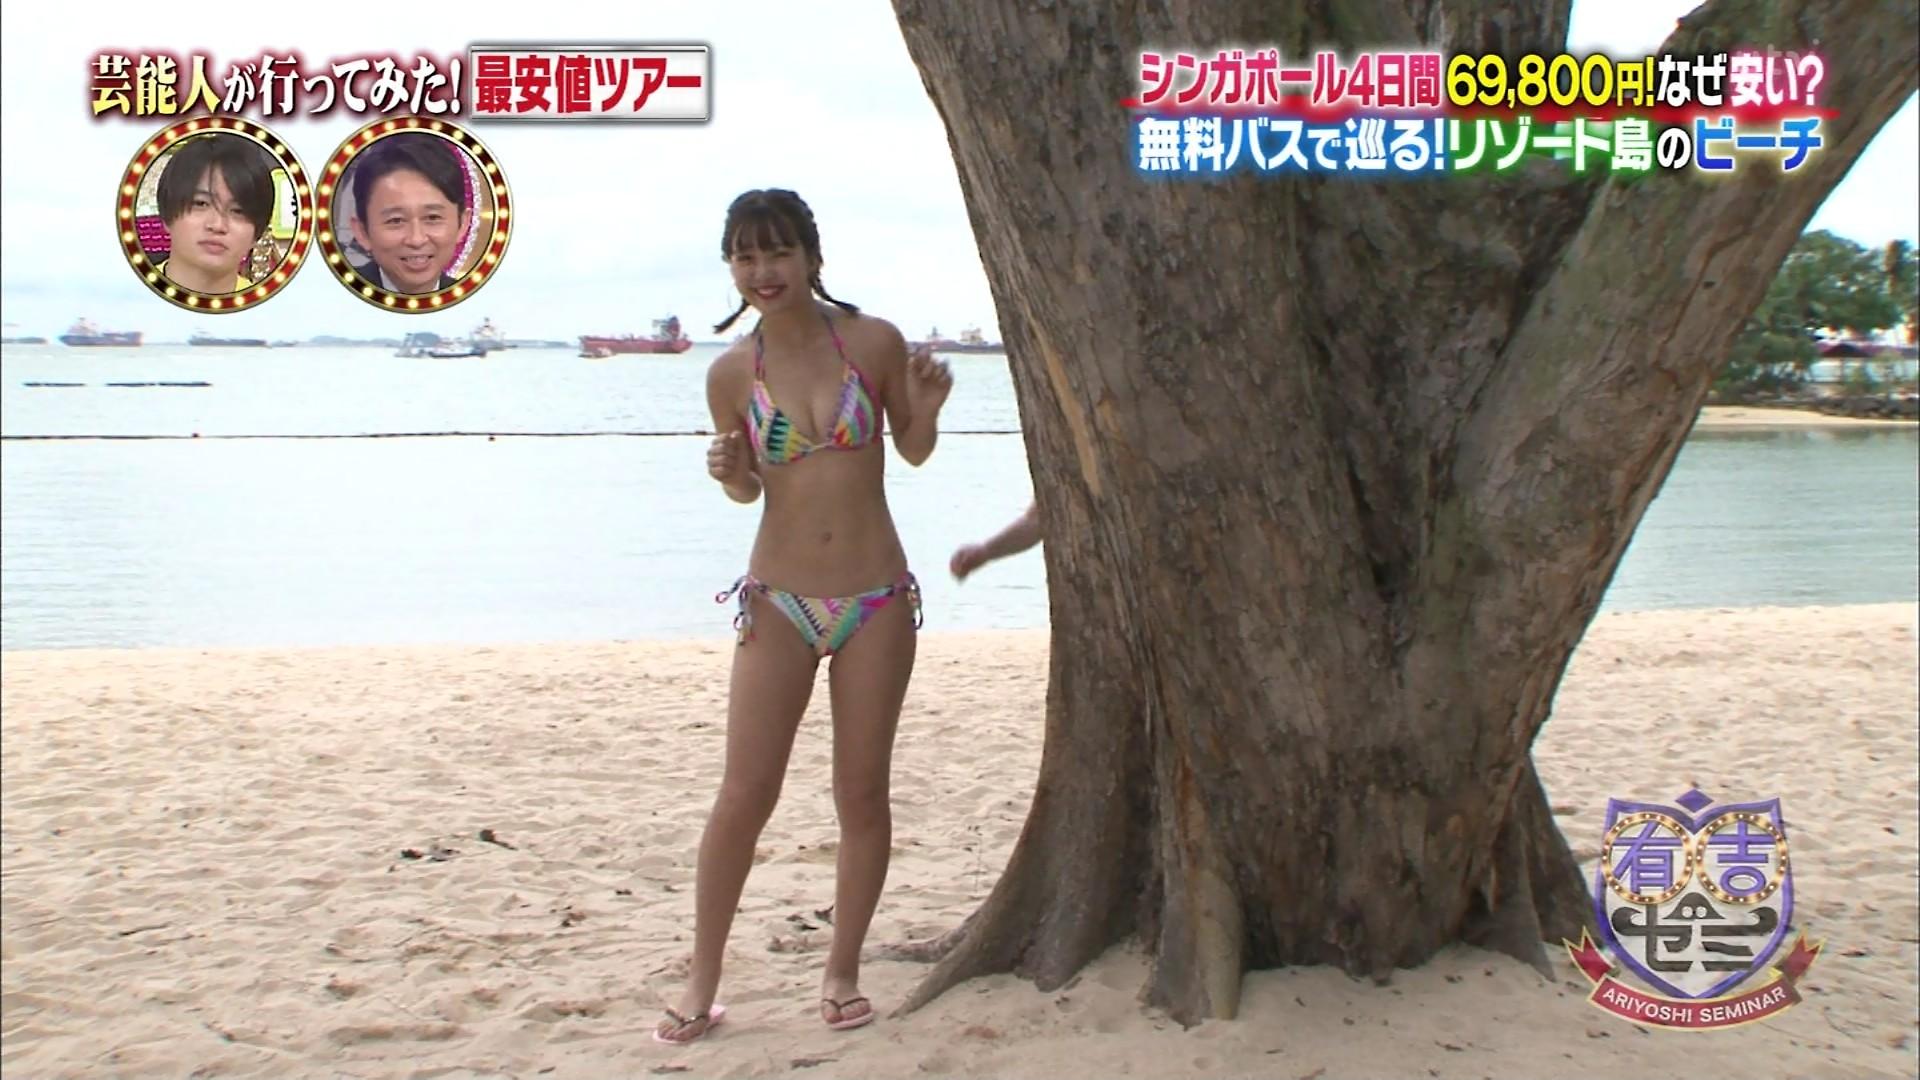 藤田ニコル_モデル_ビキニ水着_テレビキャプ画像_09